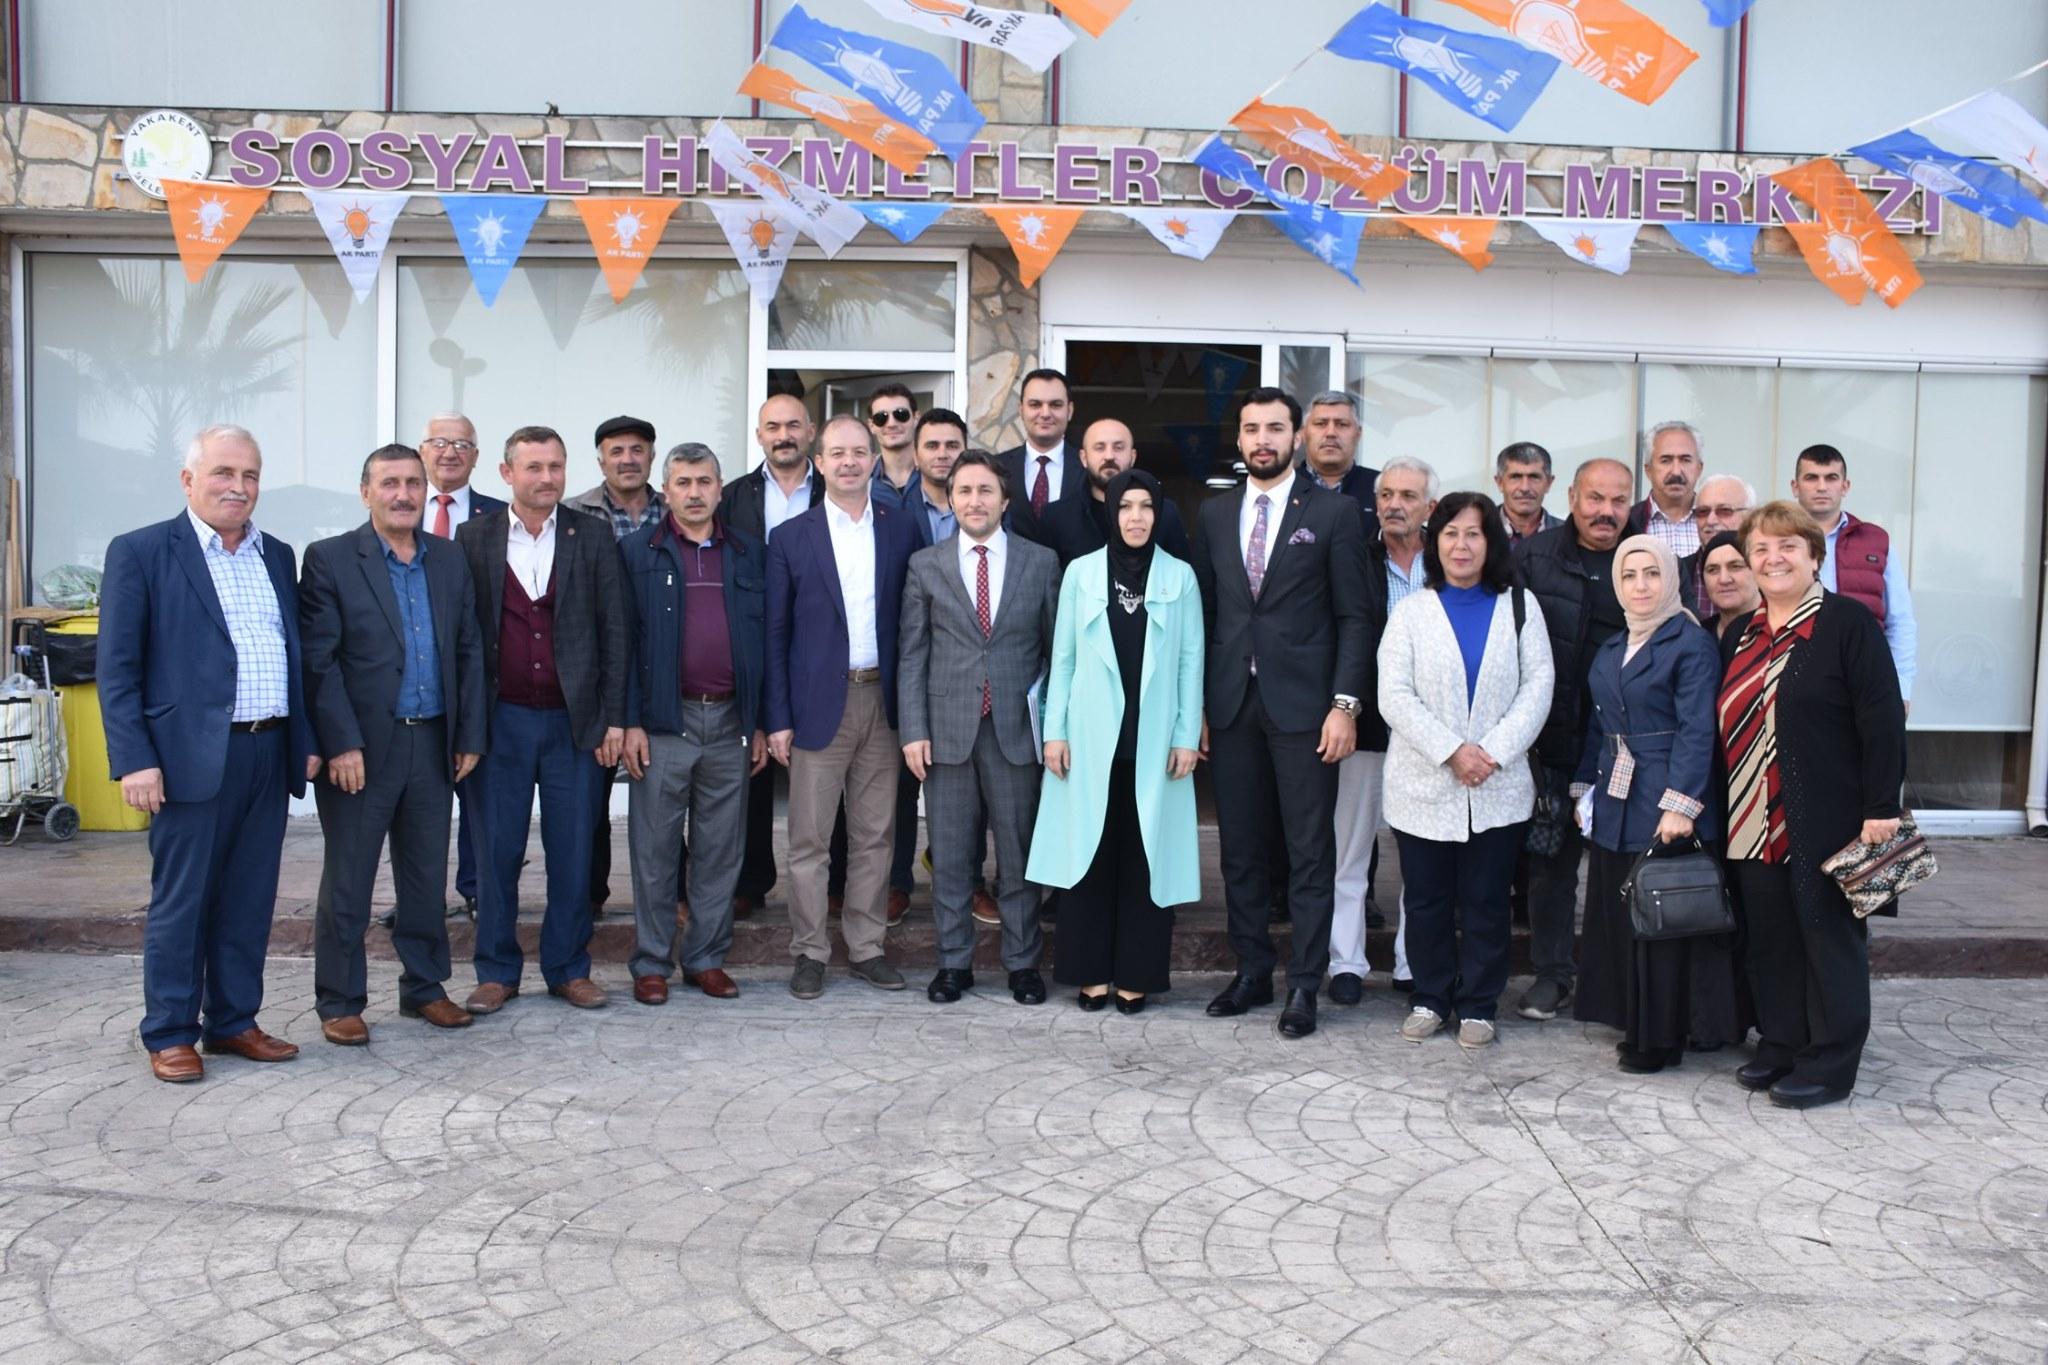 AK Parti Yakakent İlçe Başkanlığı Tarafından Düzenlenen 82. İlçe Danışma Meclisi Toplantısına Belediye Başkanımız Hüseyin Kıyma'da Katıldı.